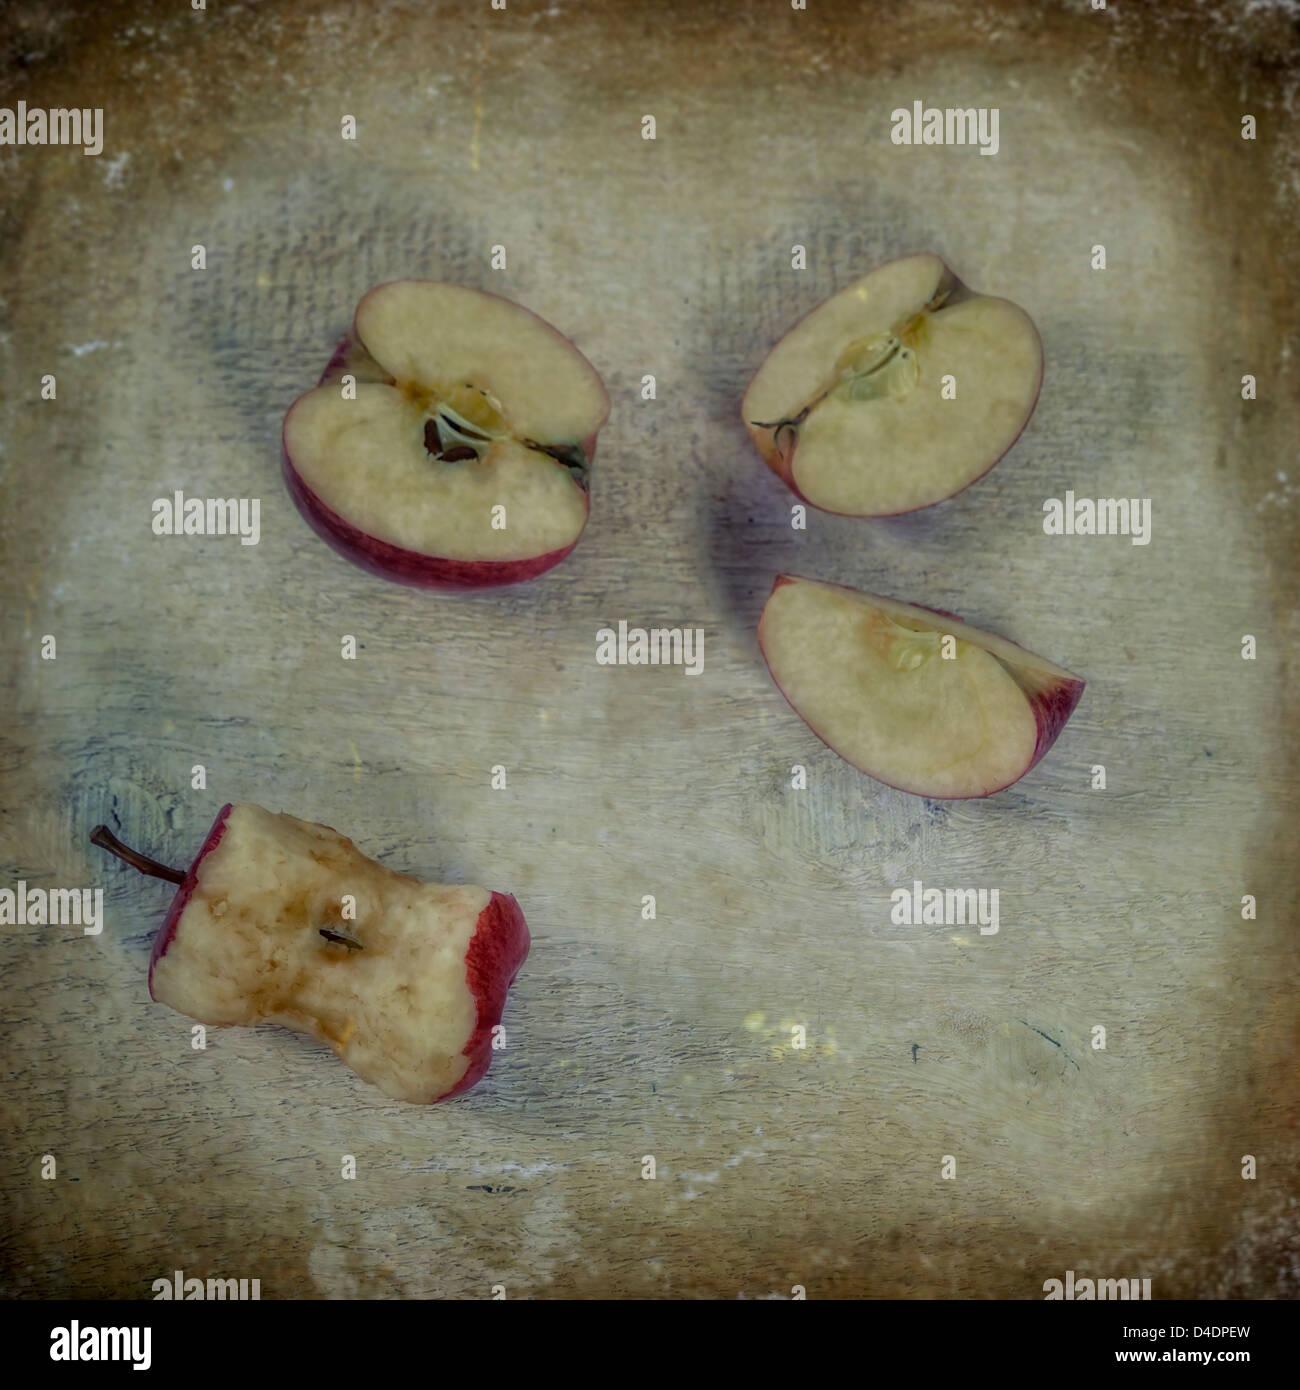 Una manzana, cortada en tres piezas, y una mitad comido apple Imagen De Stock